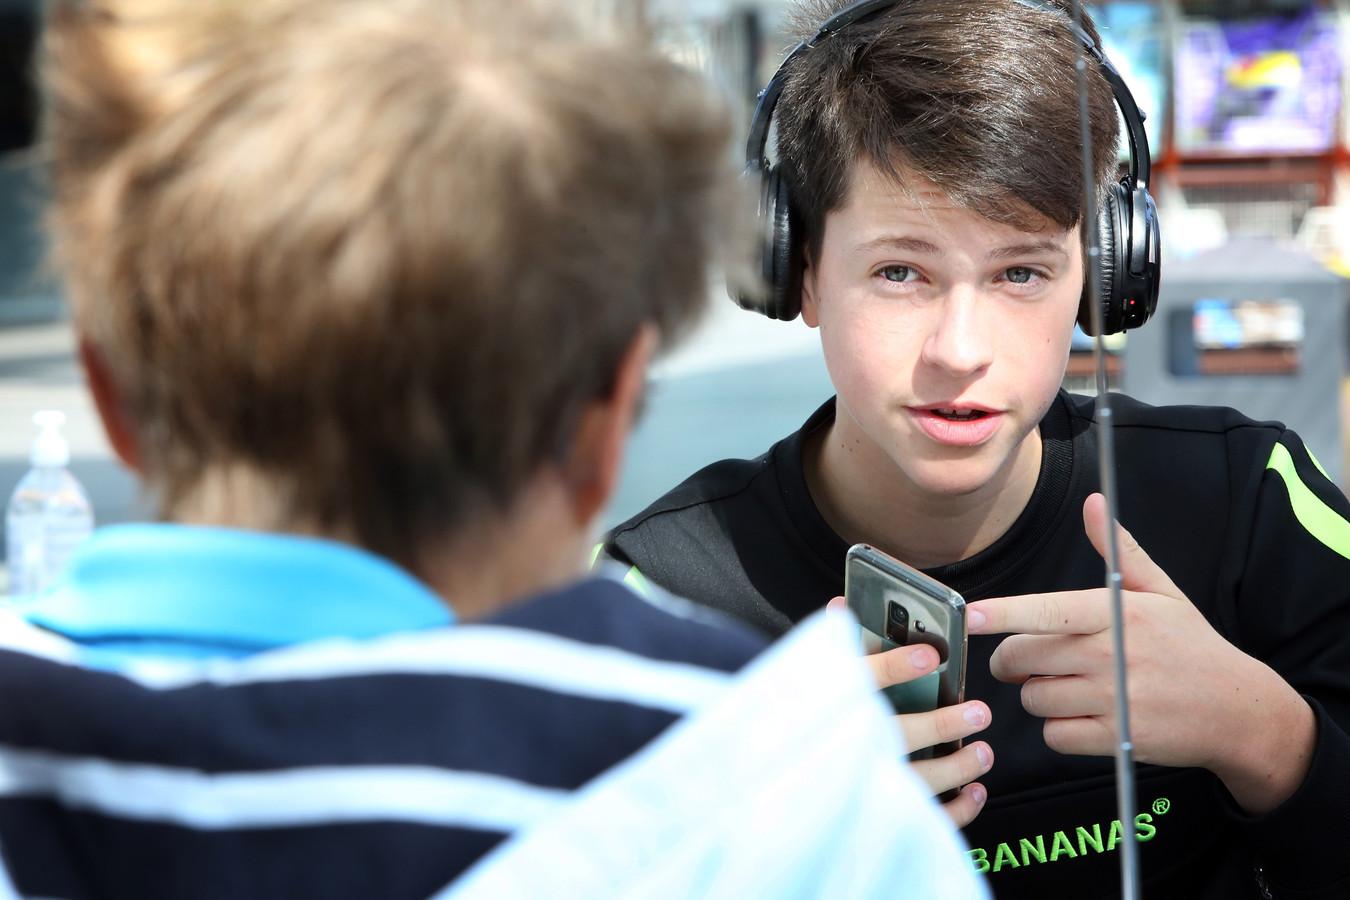 Een jongere is in gesprek met iemand met een gehoorbeperking.